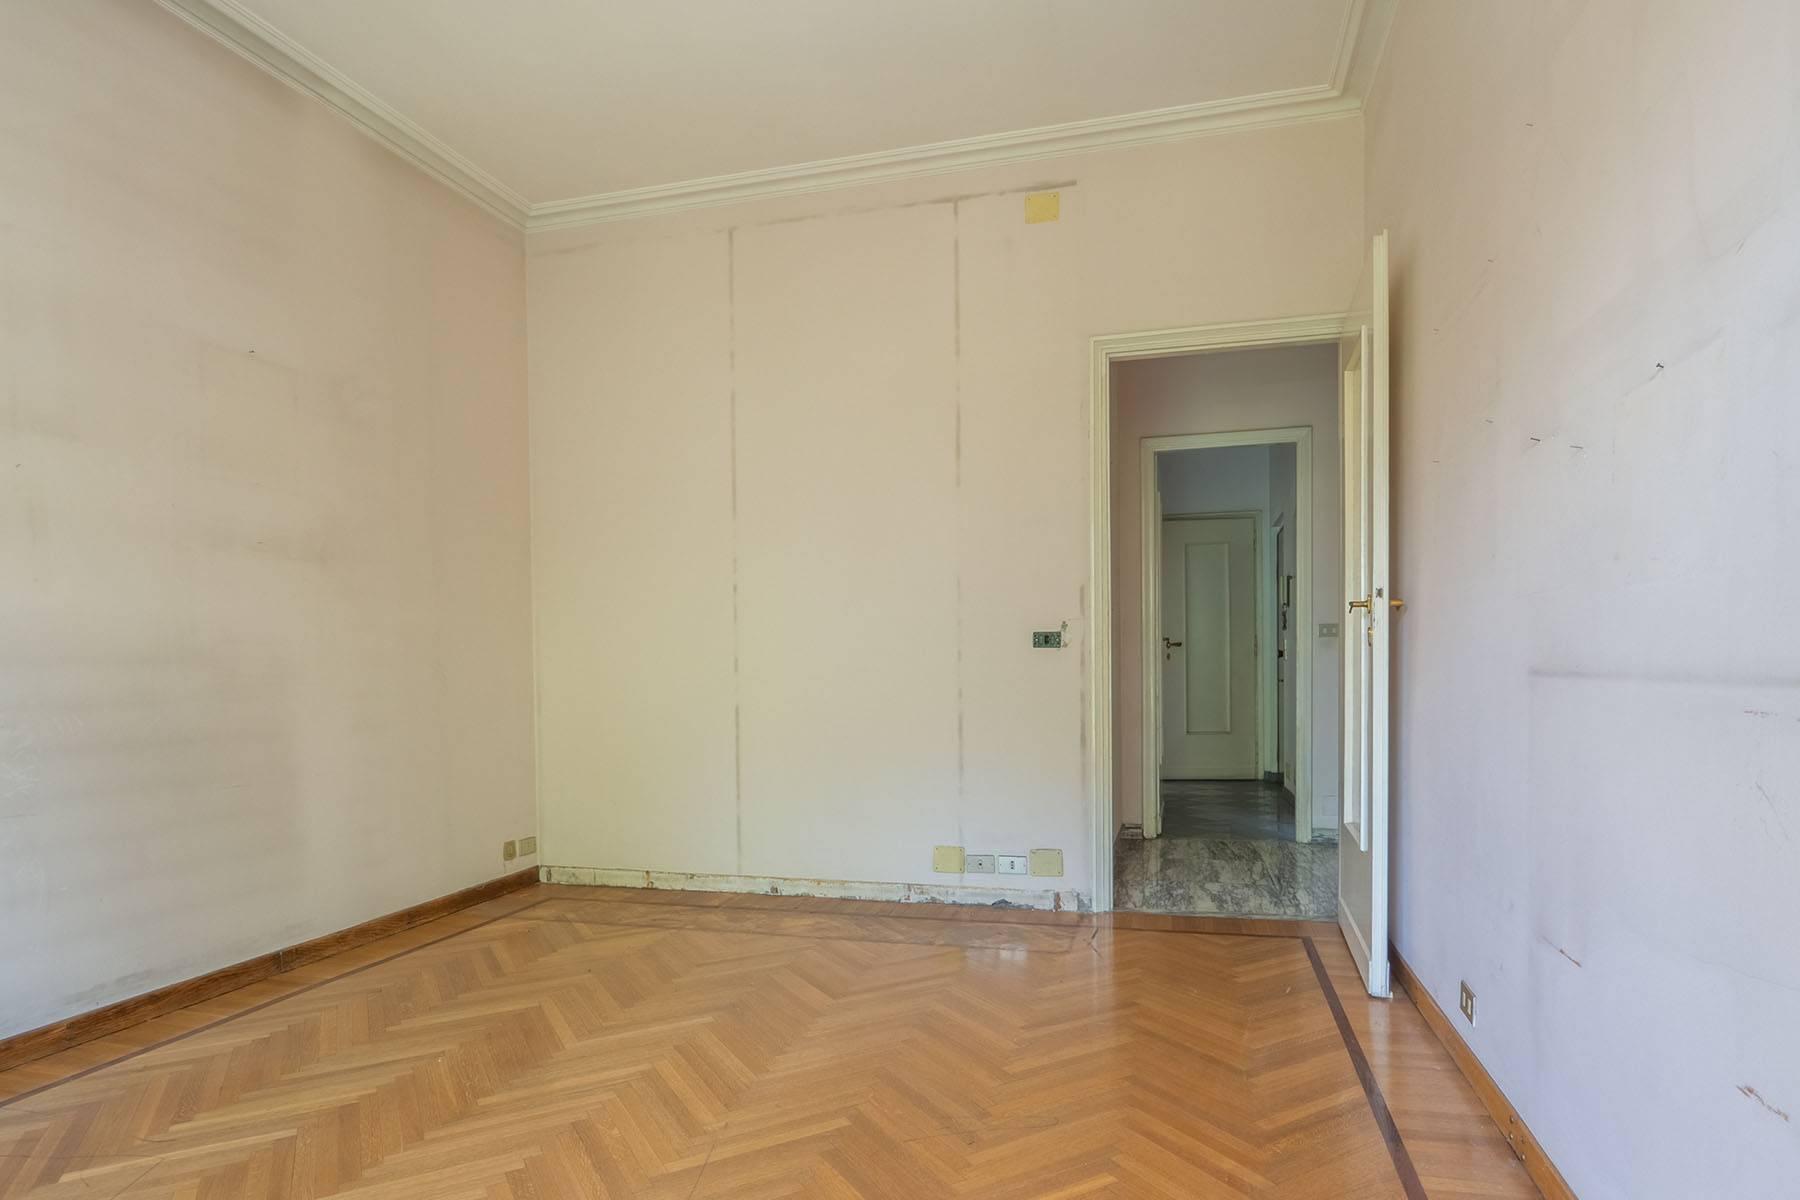 Appartamento in Vendita a Torino: 4 locali, 181 mq - Foto 16